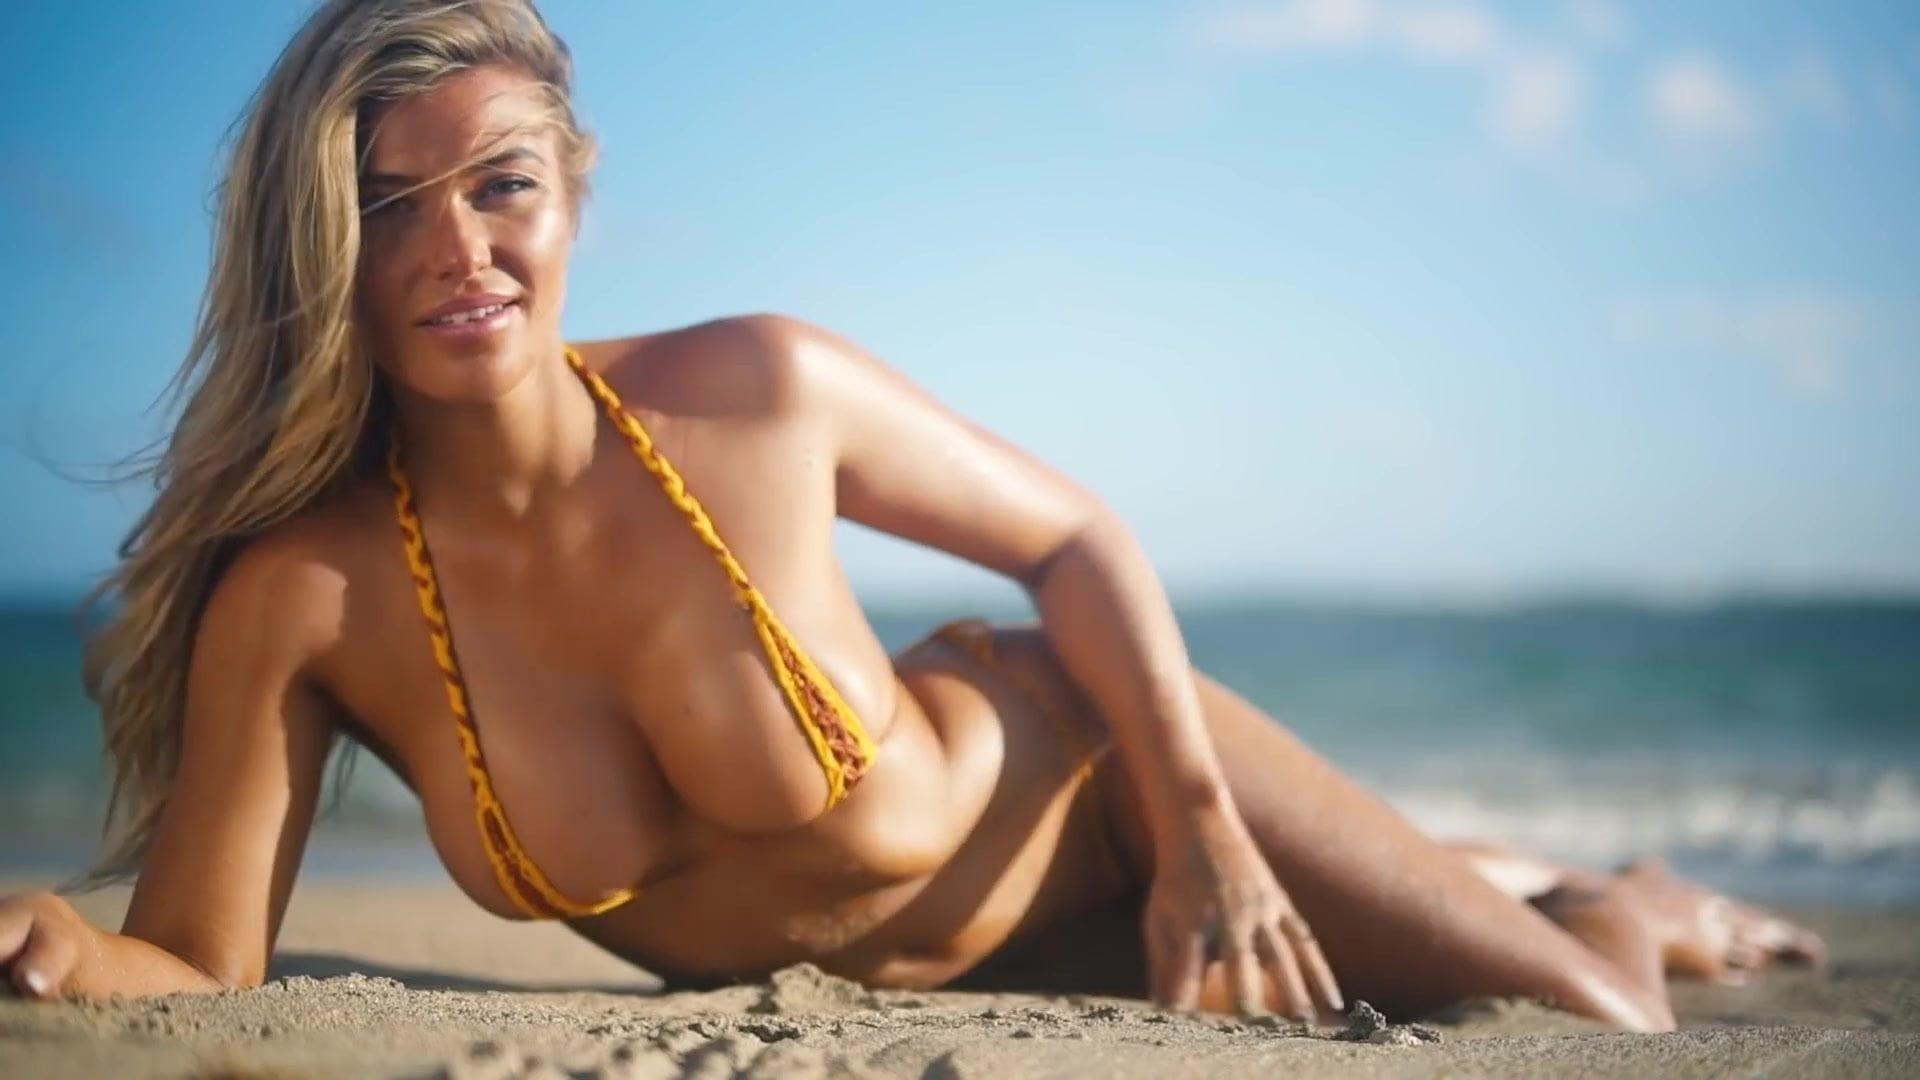 Samantha Hoopes in bkini